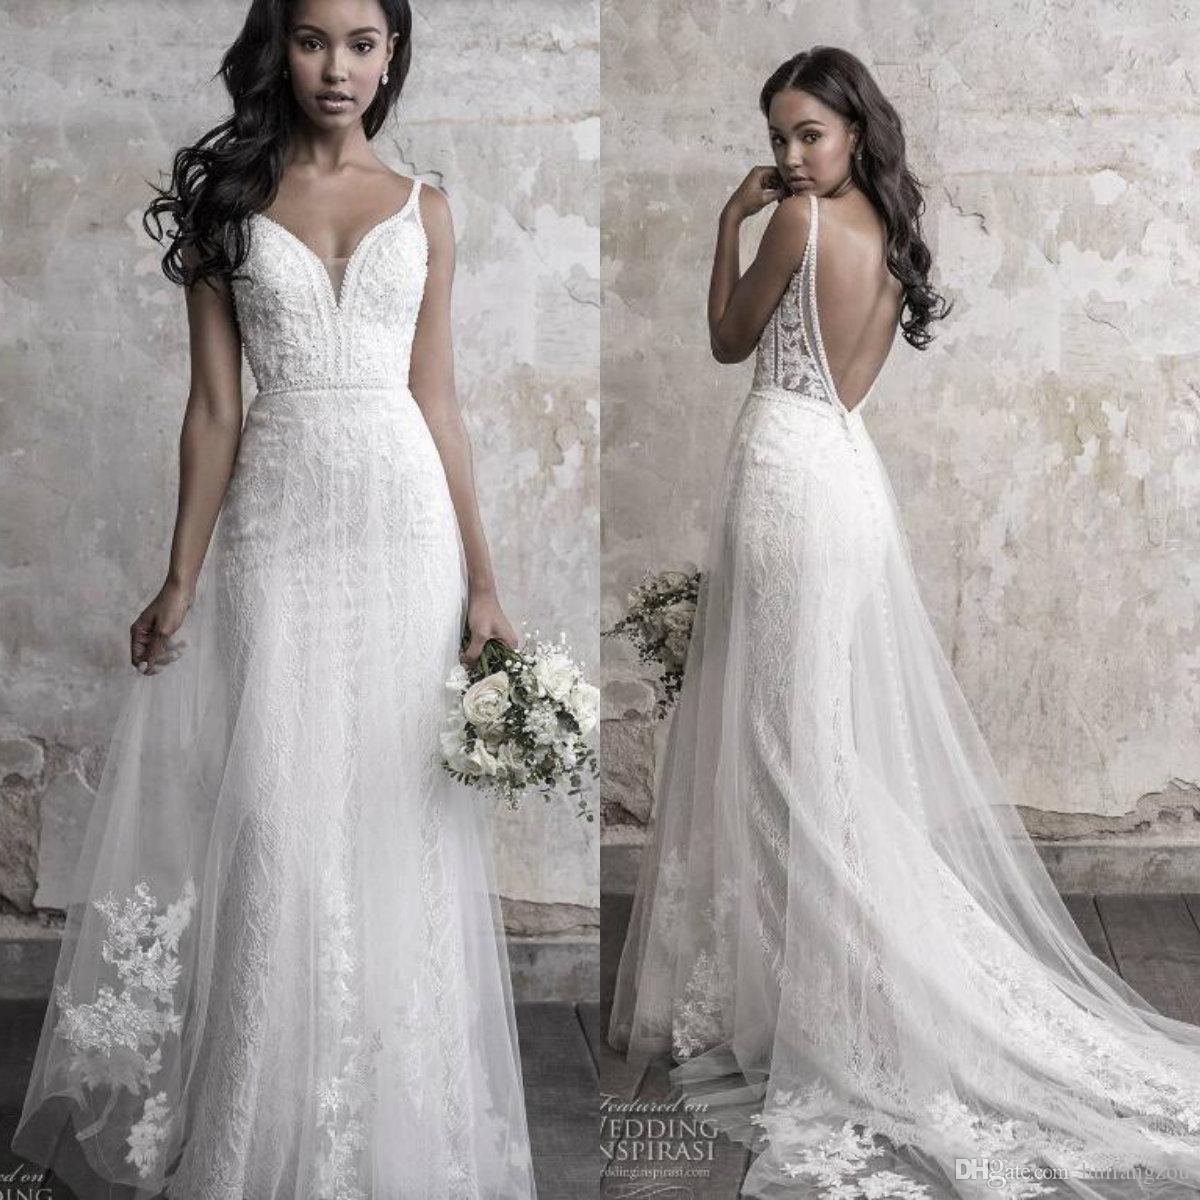 Großhandel Madison James Herbst 19 Hochzeitskleid Meerjungfrau Stil Volle  Spitze Major Perlen Backless Sexy Brautkleider Vestido De Noiva Von